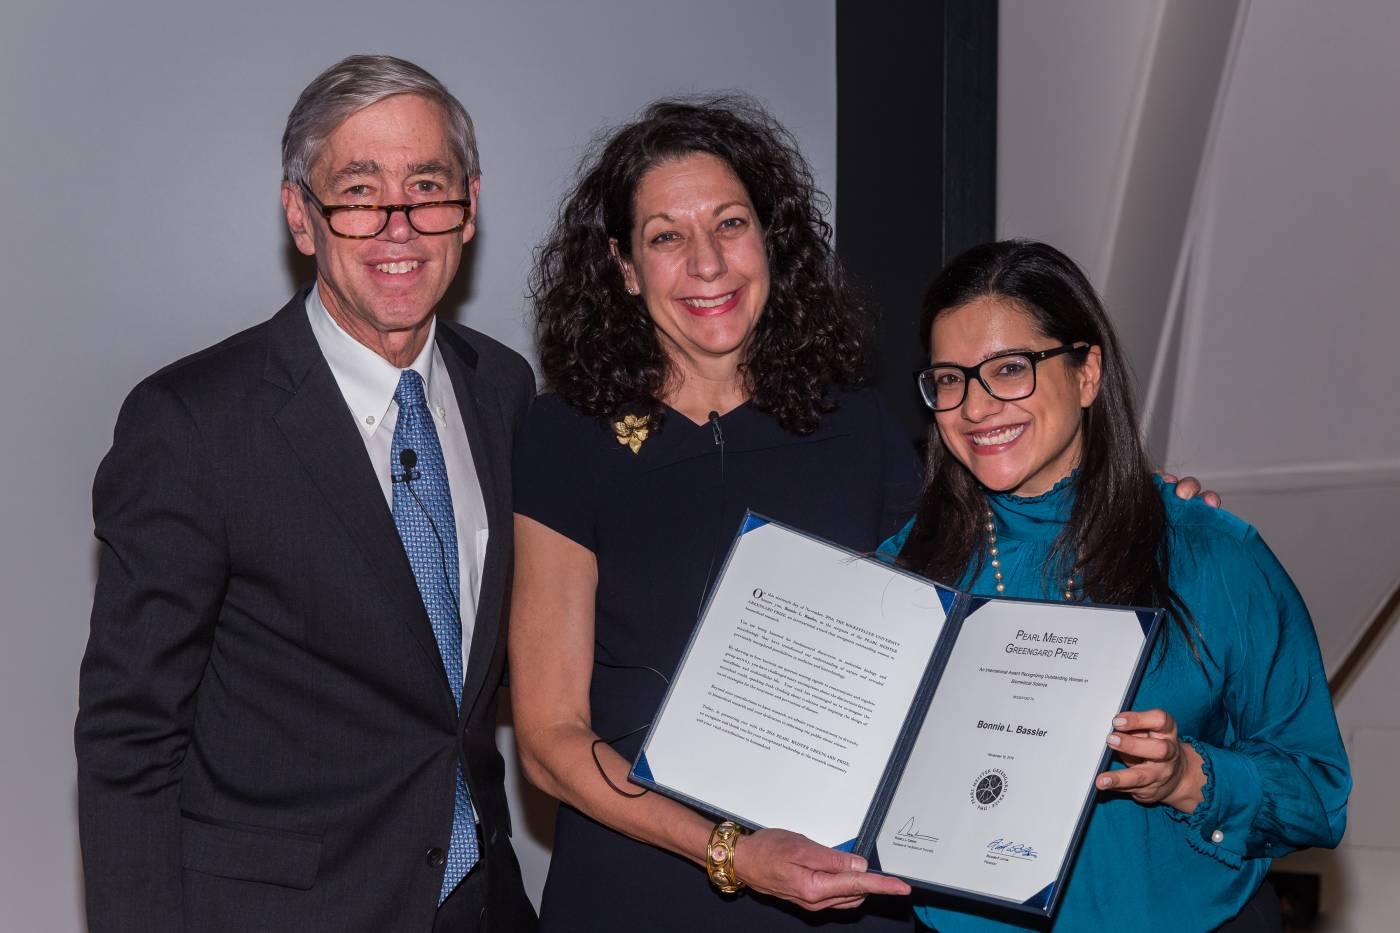 2016 Prize Recipient Dr. Bonnie Bassler